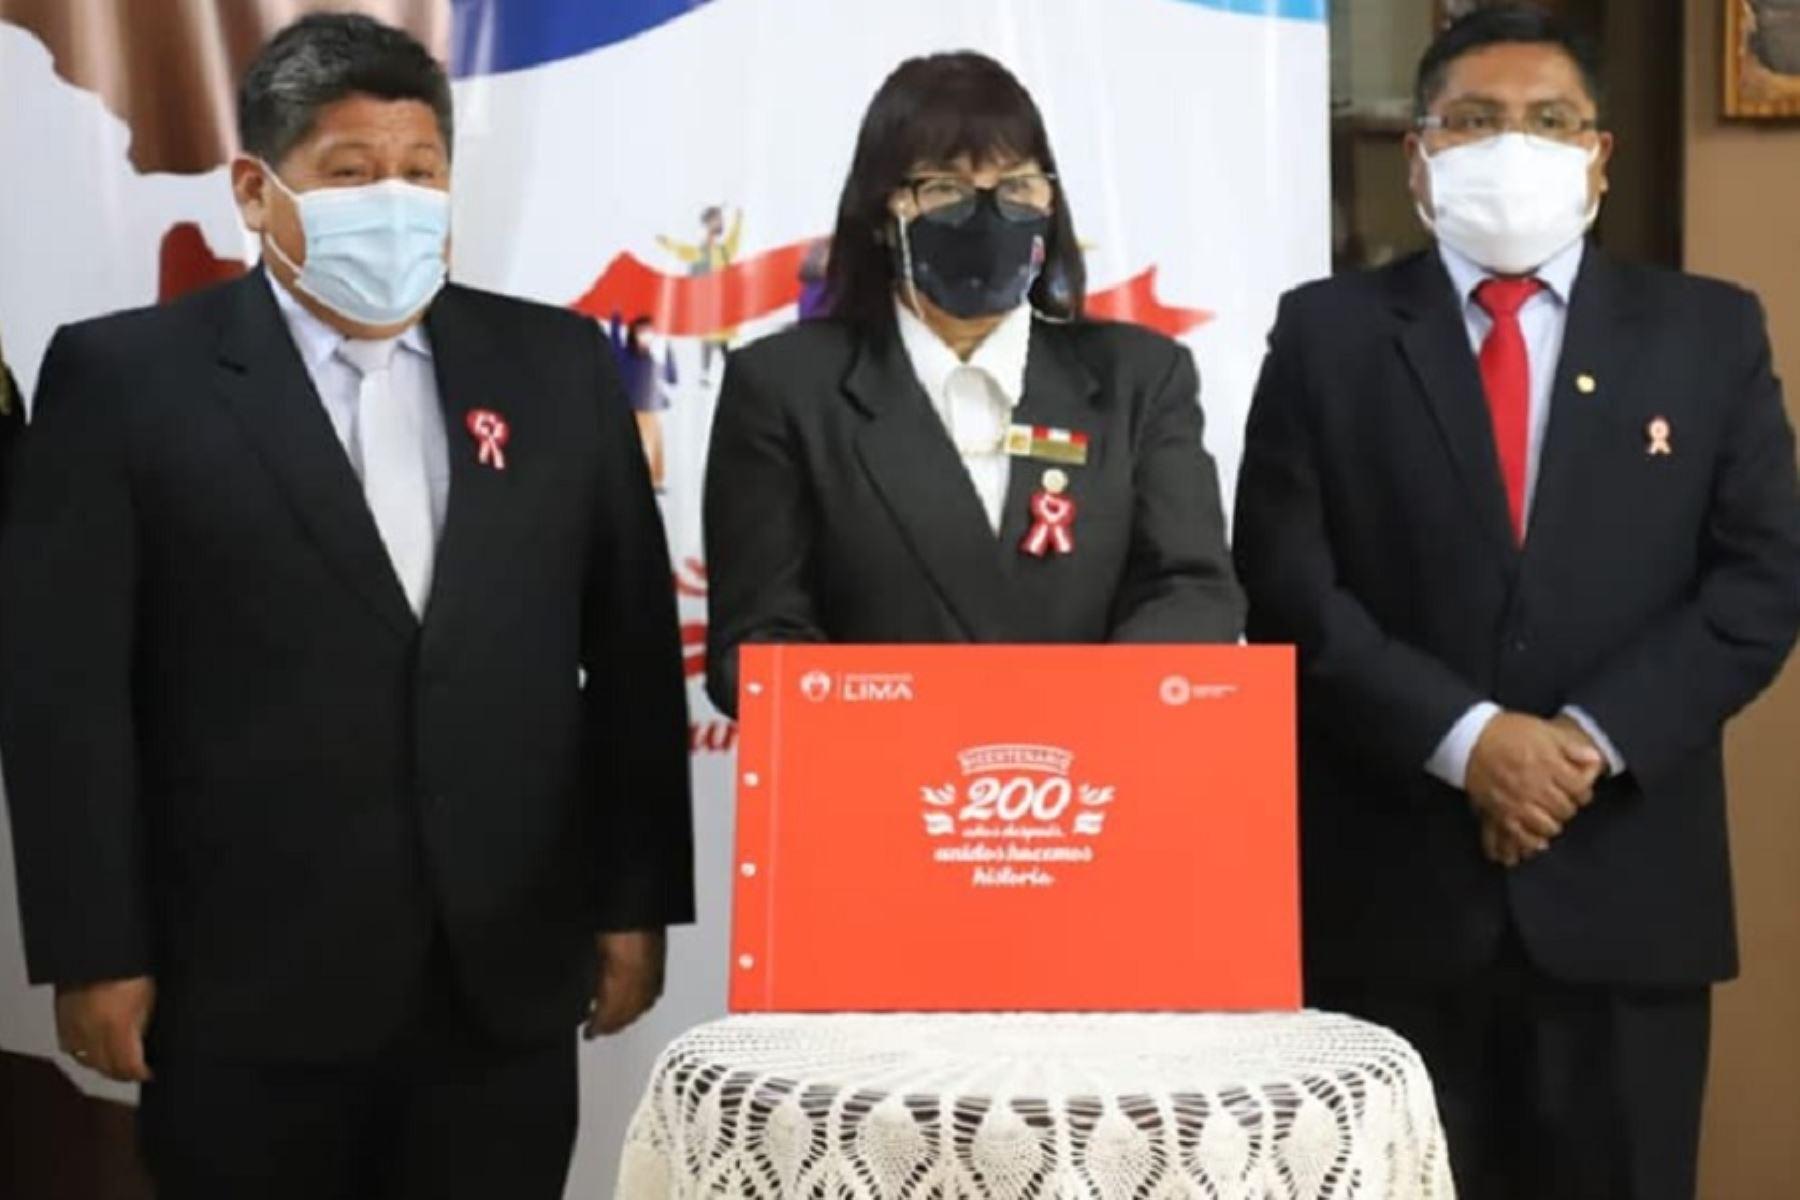 Bicentenario: Tacna ya celebra el aniversario patrio y suscribe el Acta de Independencia